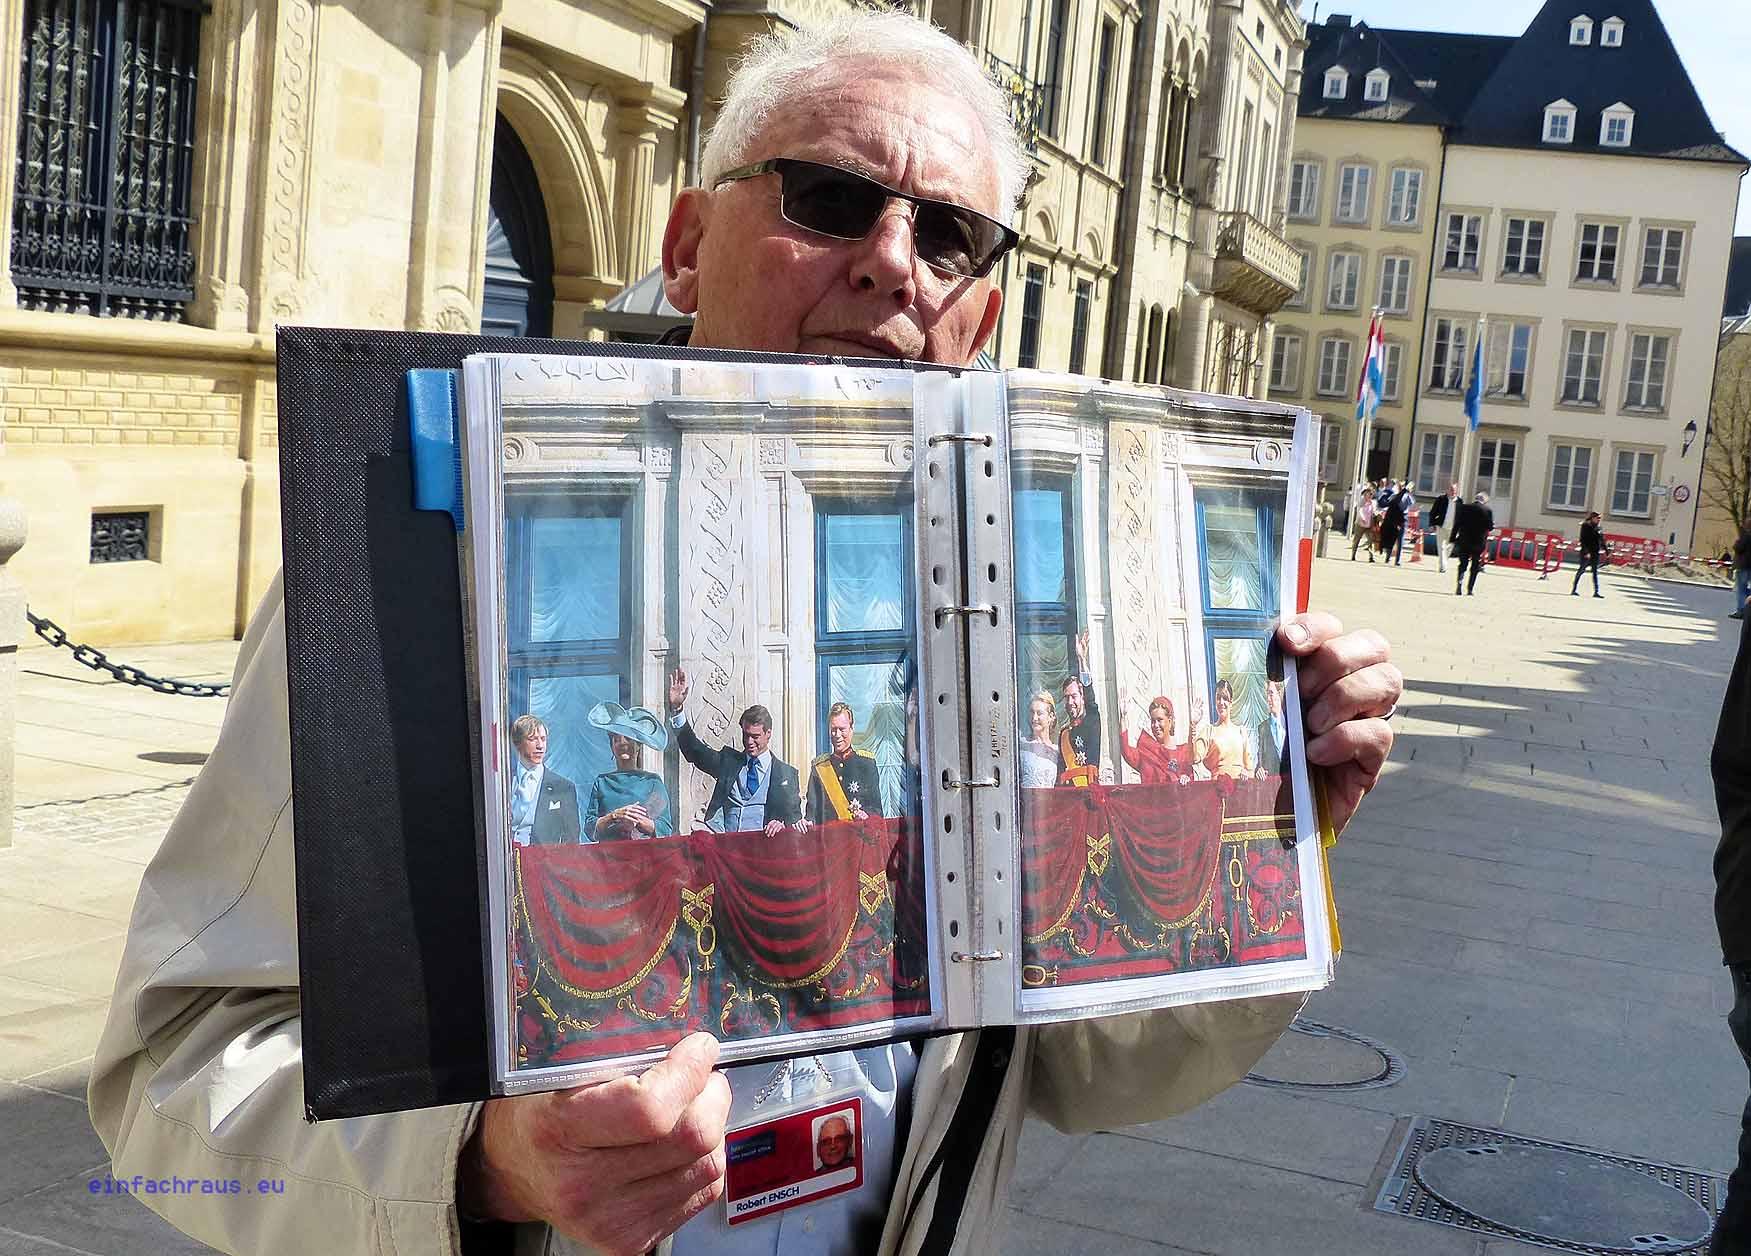 Stolz zeigt der Stadtführer ein Bild der großherzoglichen Famili,